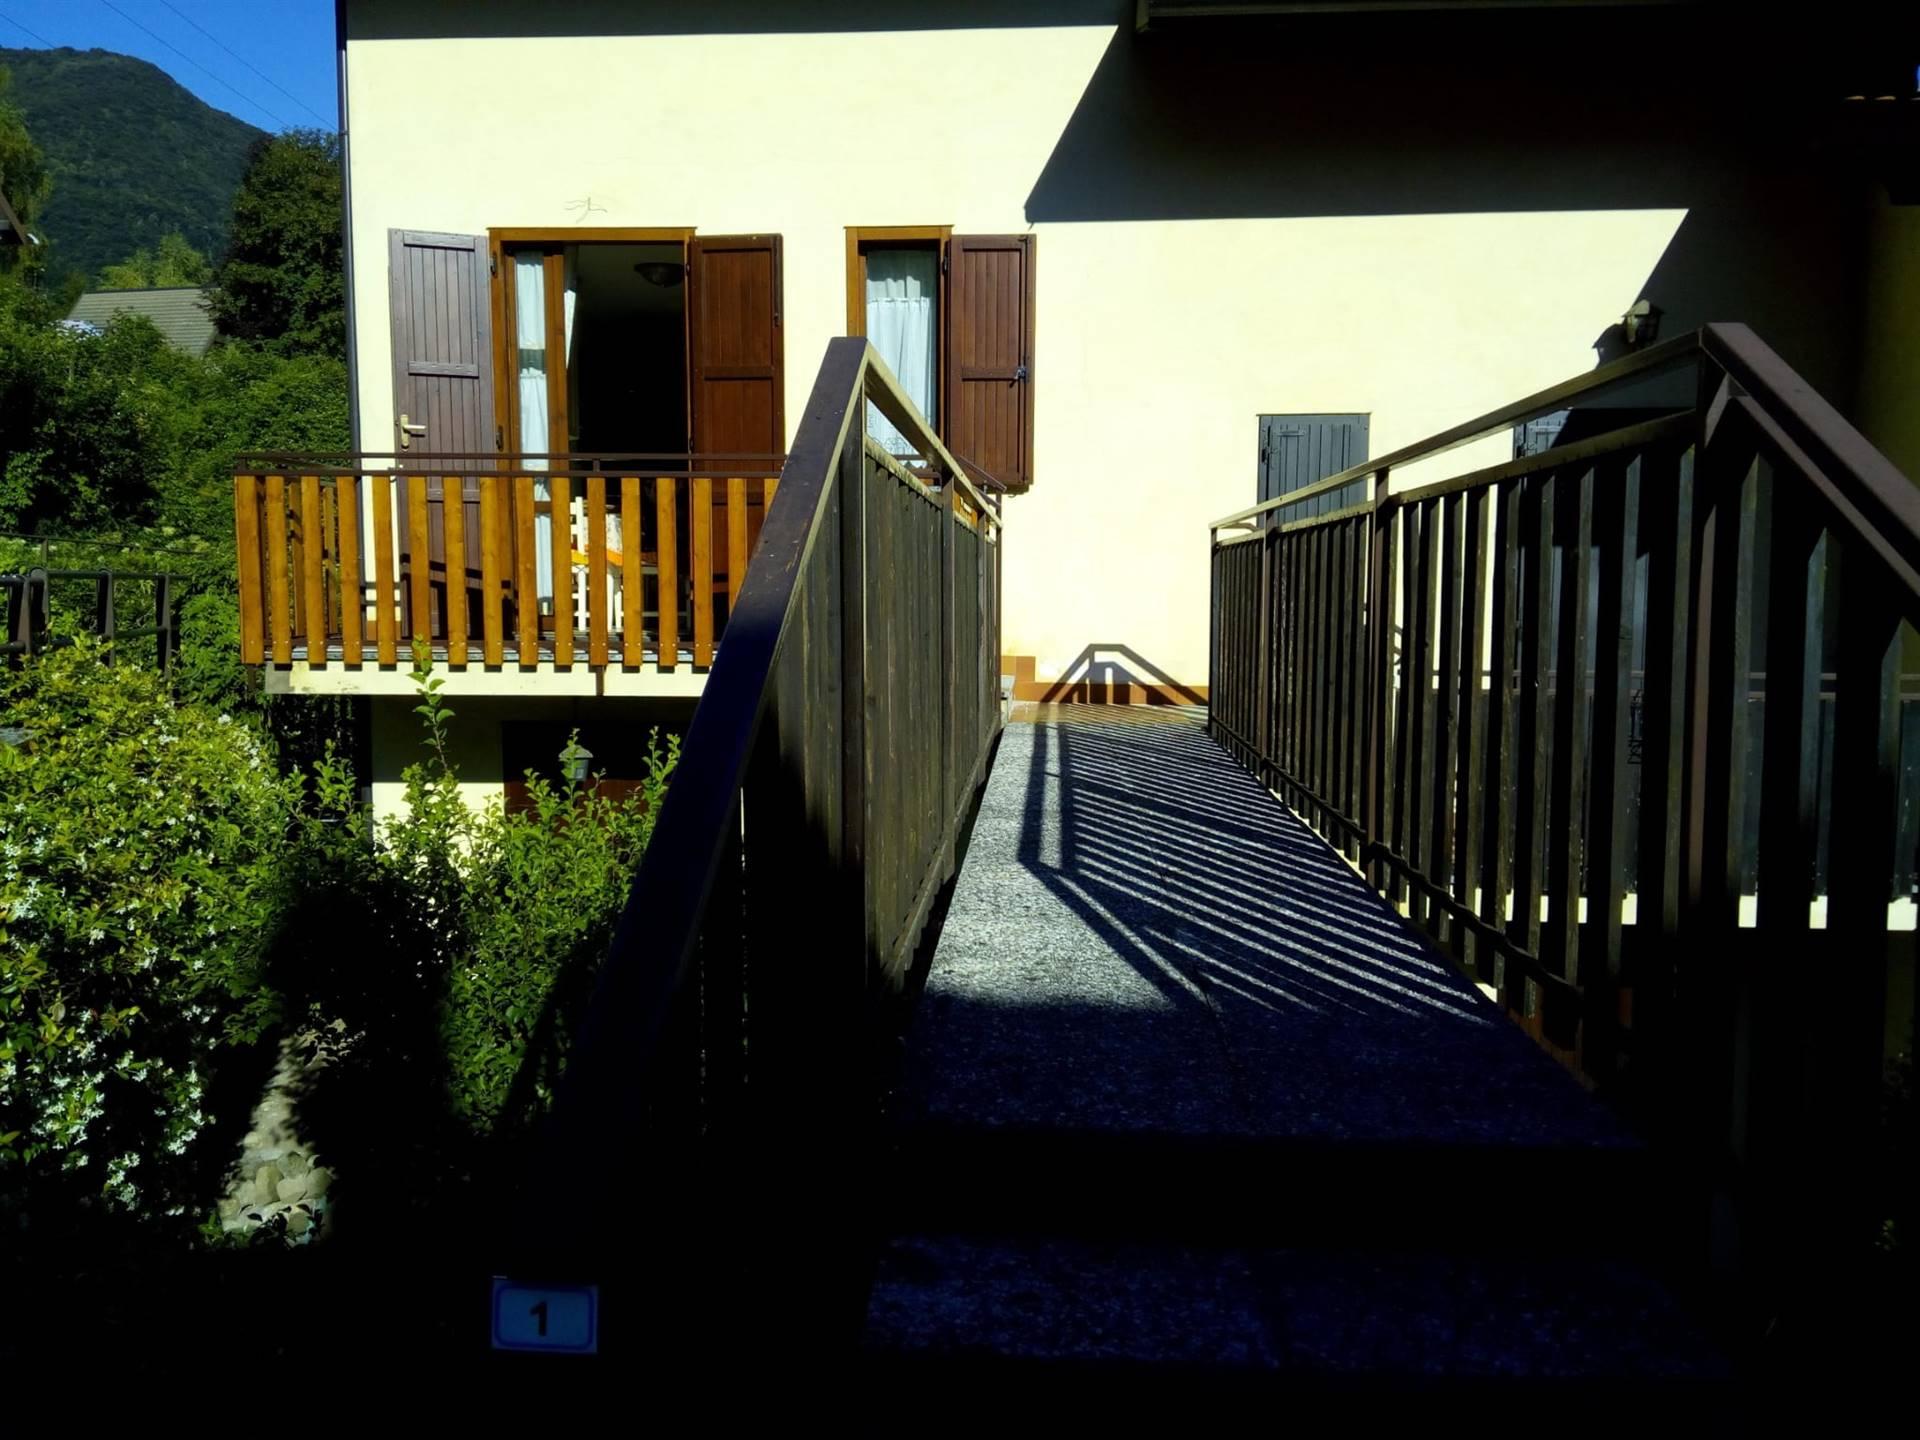 VIA NUOVA PER PIAZZO - PARLASCO - In Alta Valsassina, situato all'interno del parco delle Grigne si trova il piccolo paese di Parlasco, uno dei più